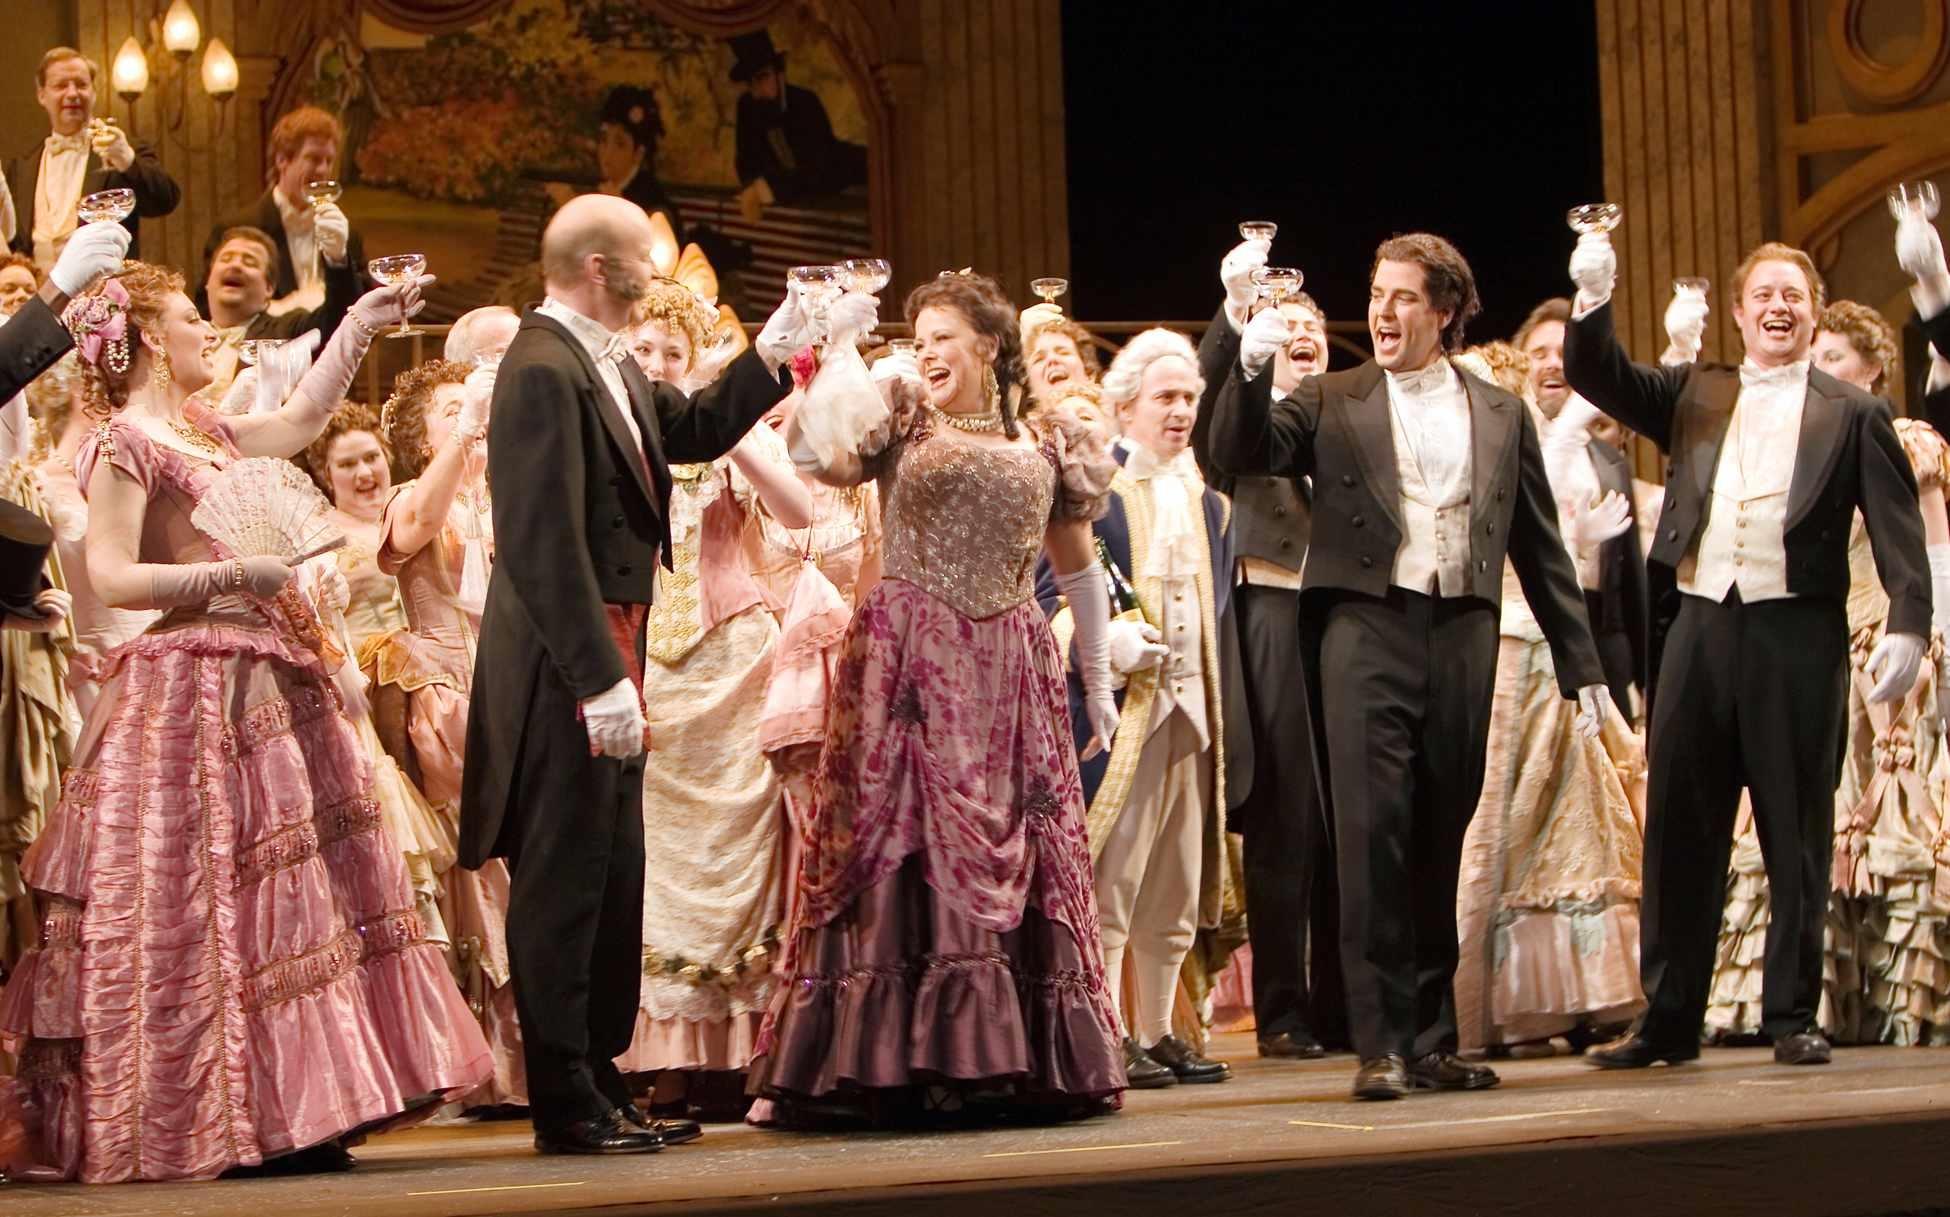 """""""Libiamo ne' lieti calici"""", a célebre ária do brinde em La Traviata, de Verdi"""